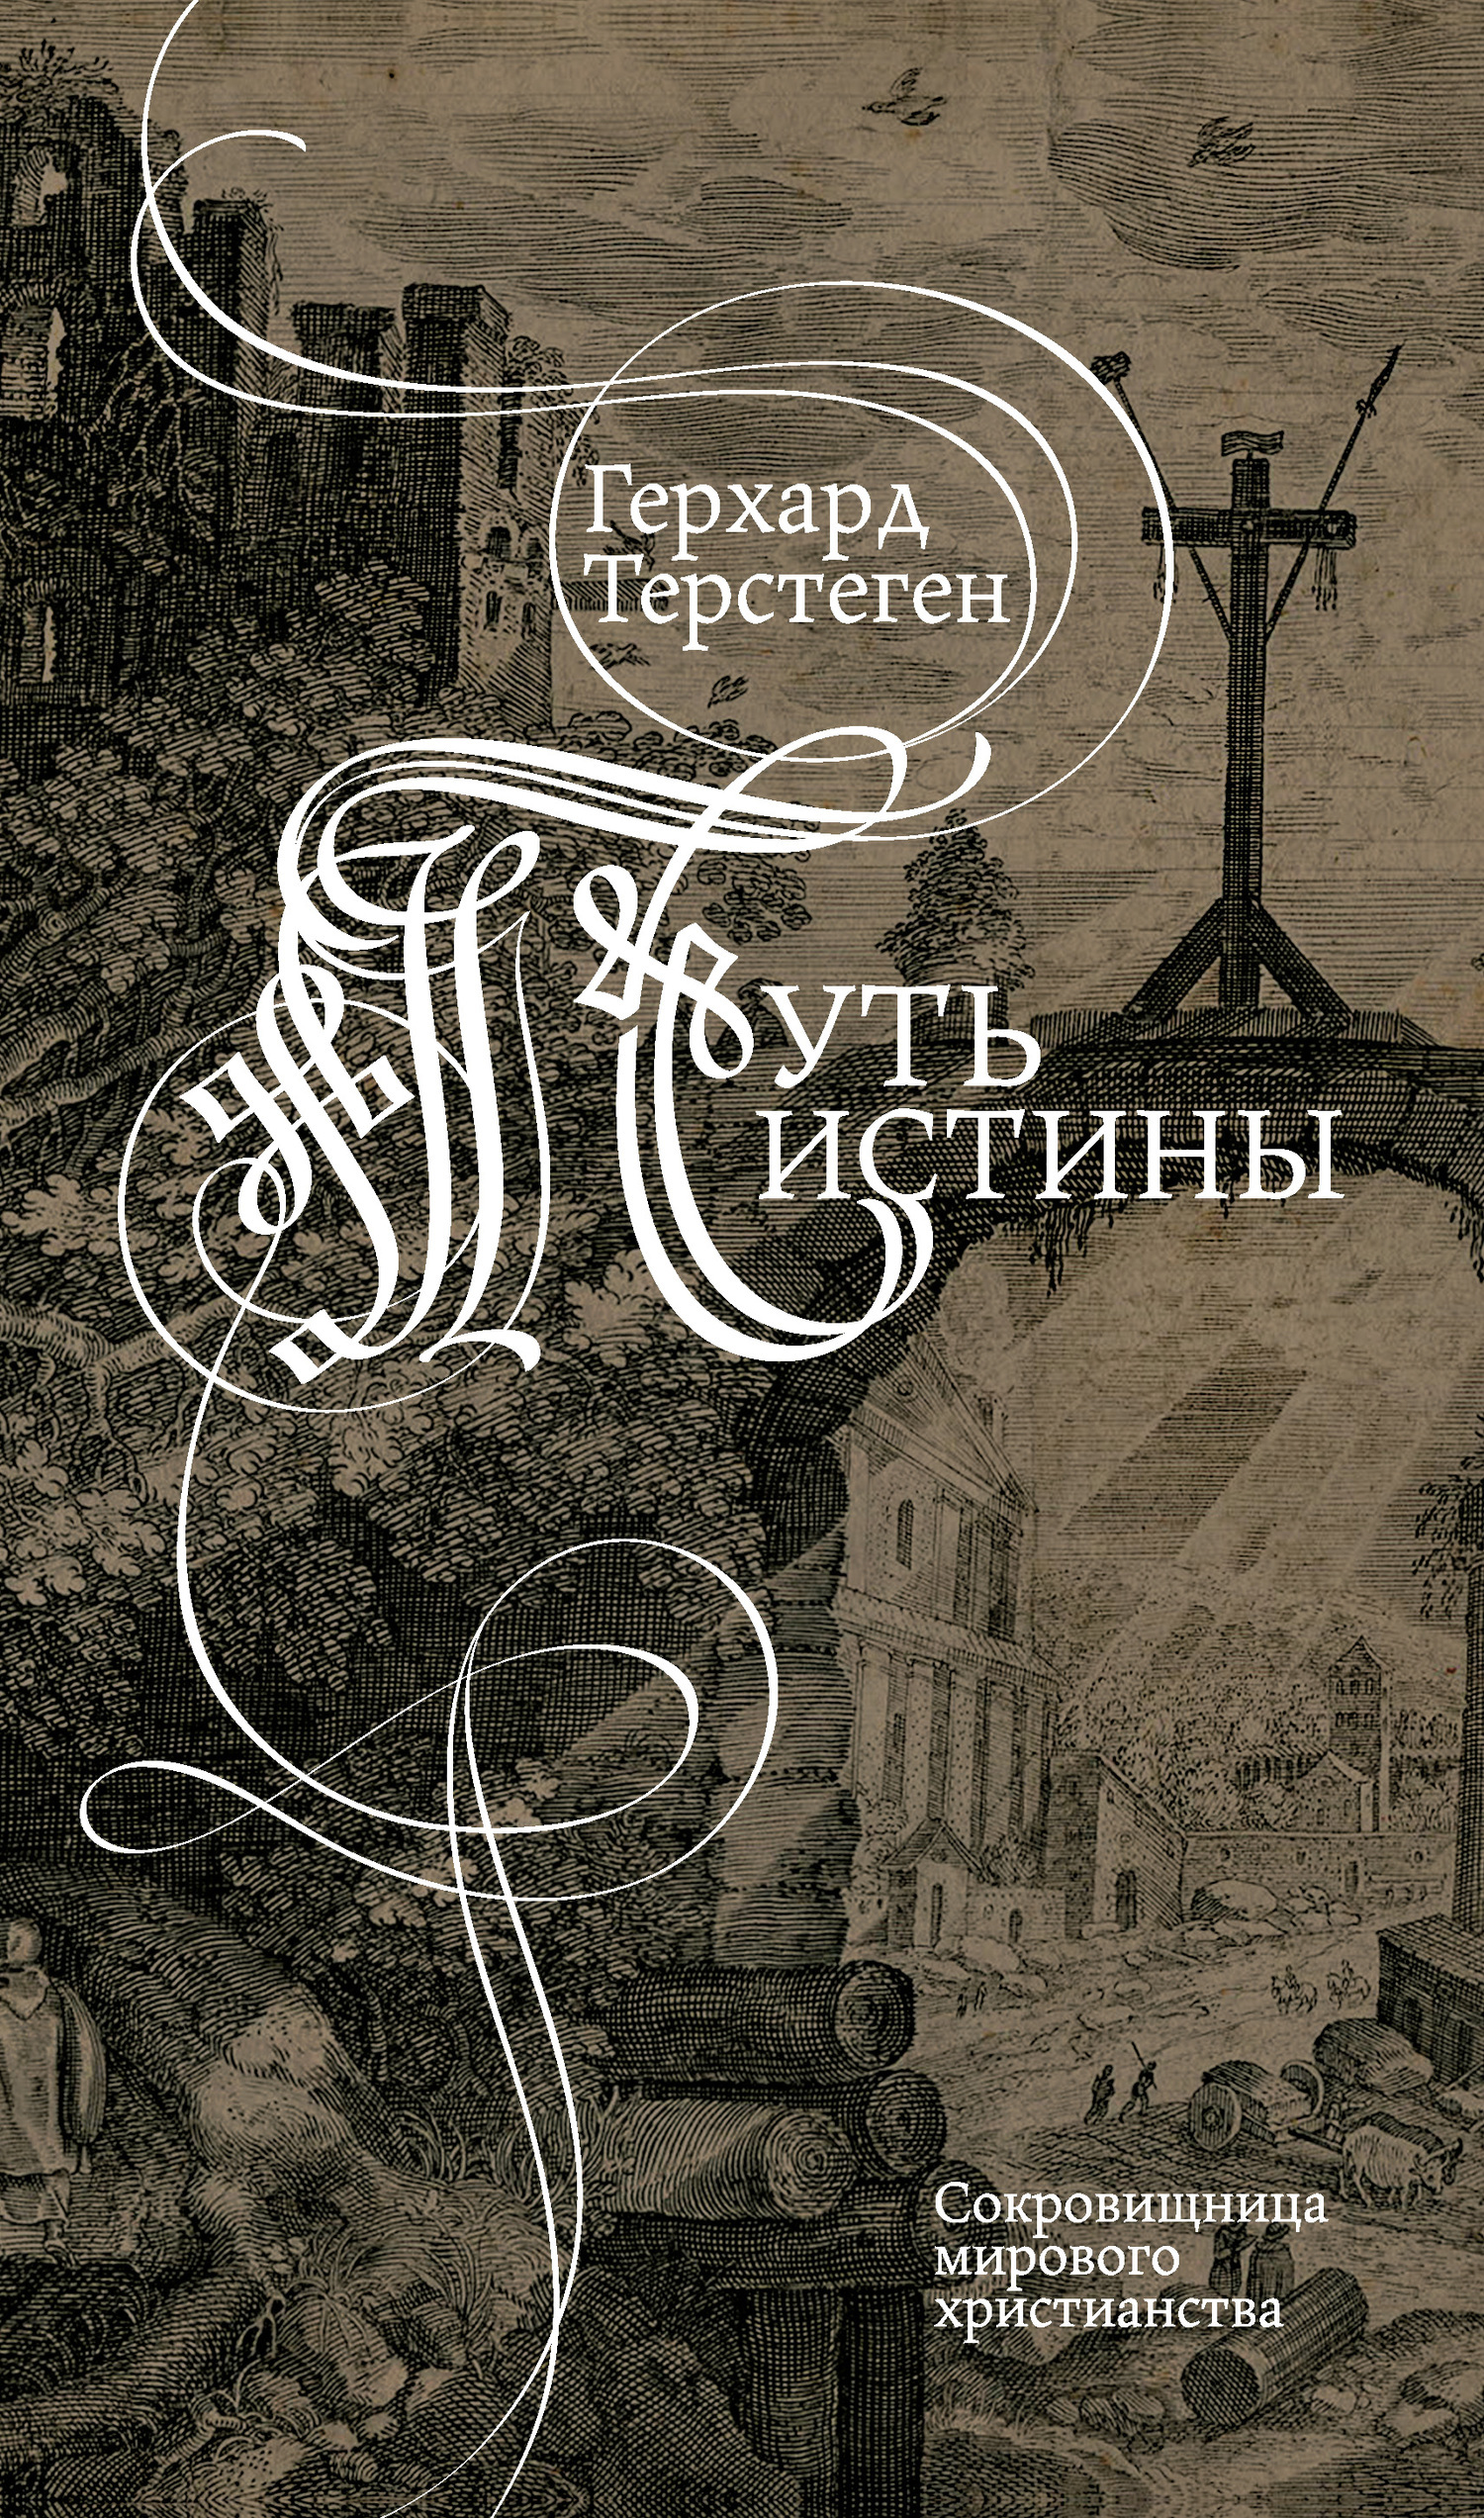 Герхард Терстеген - Путь истины